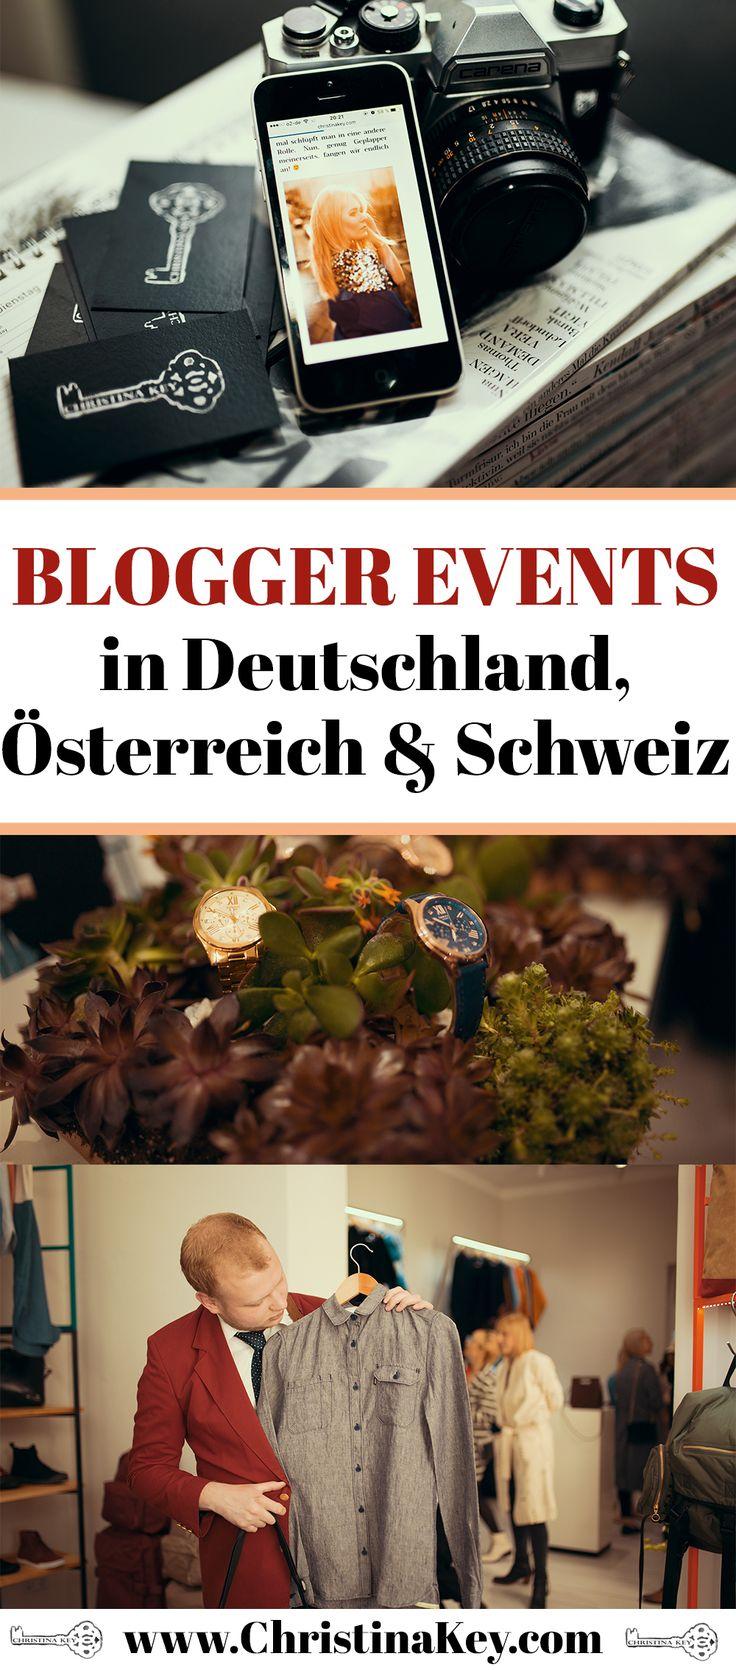 Blogger Tipps  - Alle Blogger Events in Deutschland, Österreich & Schweiz im Überblick! Alle Blog Events sind geordnet nach Blog Kategorie, Datum und mehr! Jetzt entdecken auf CHRISTINA KEY - dem Fotografie, Blogger Tipps, Rezepte, Mode und DIY Blog aus Berlin, Deutschland